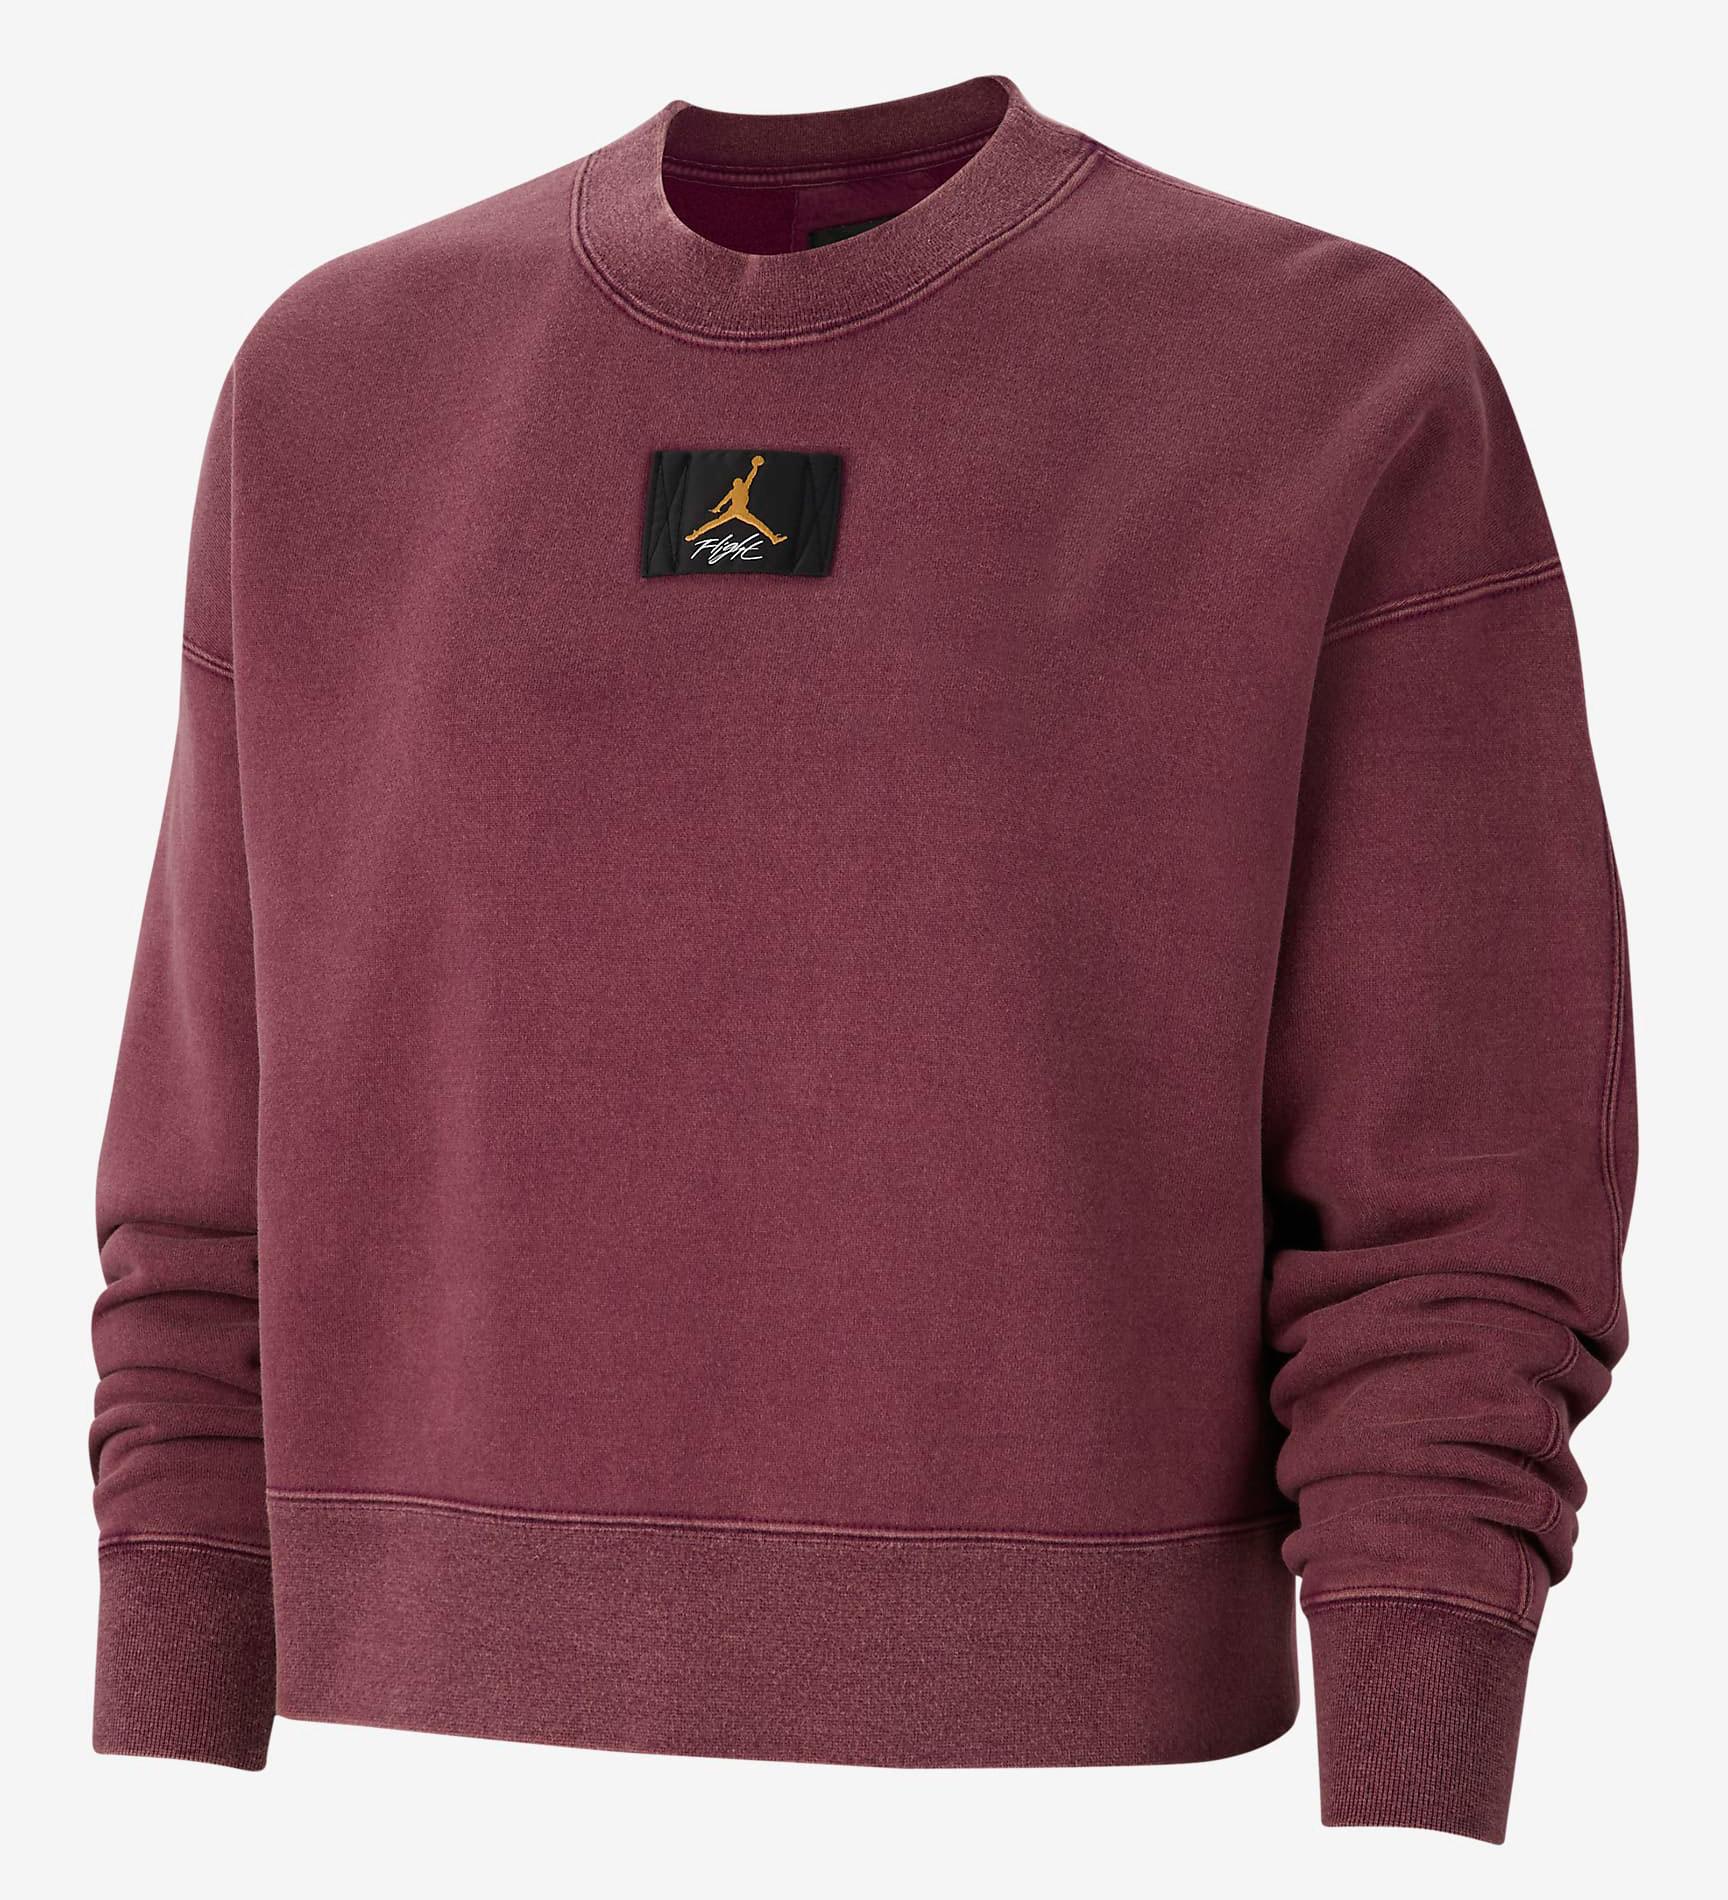 jordan-womens-flight-sweatshirt-bordeaux-laser-orange